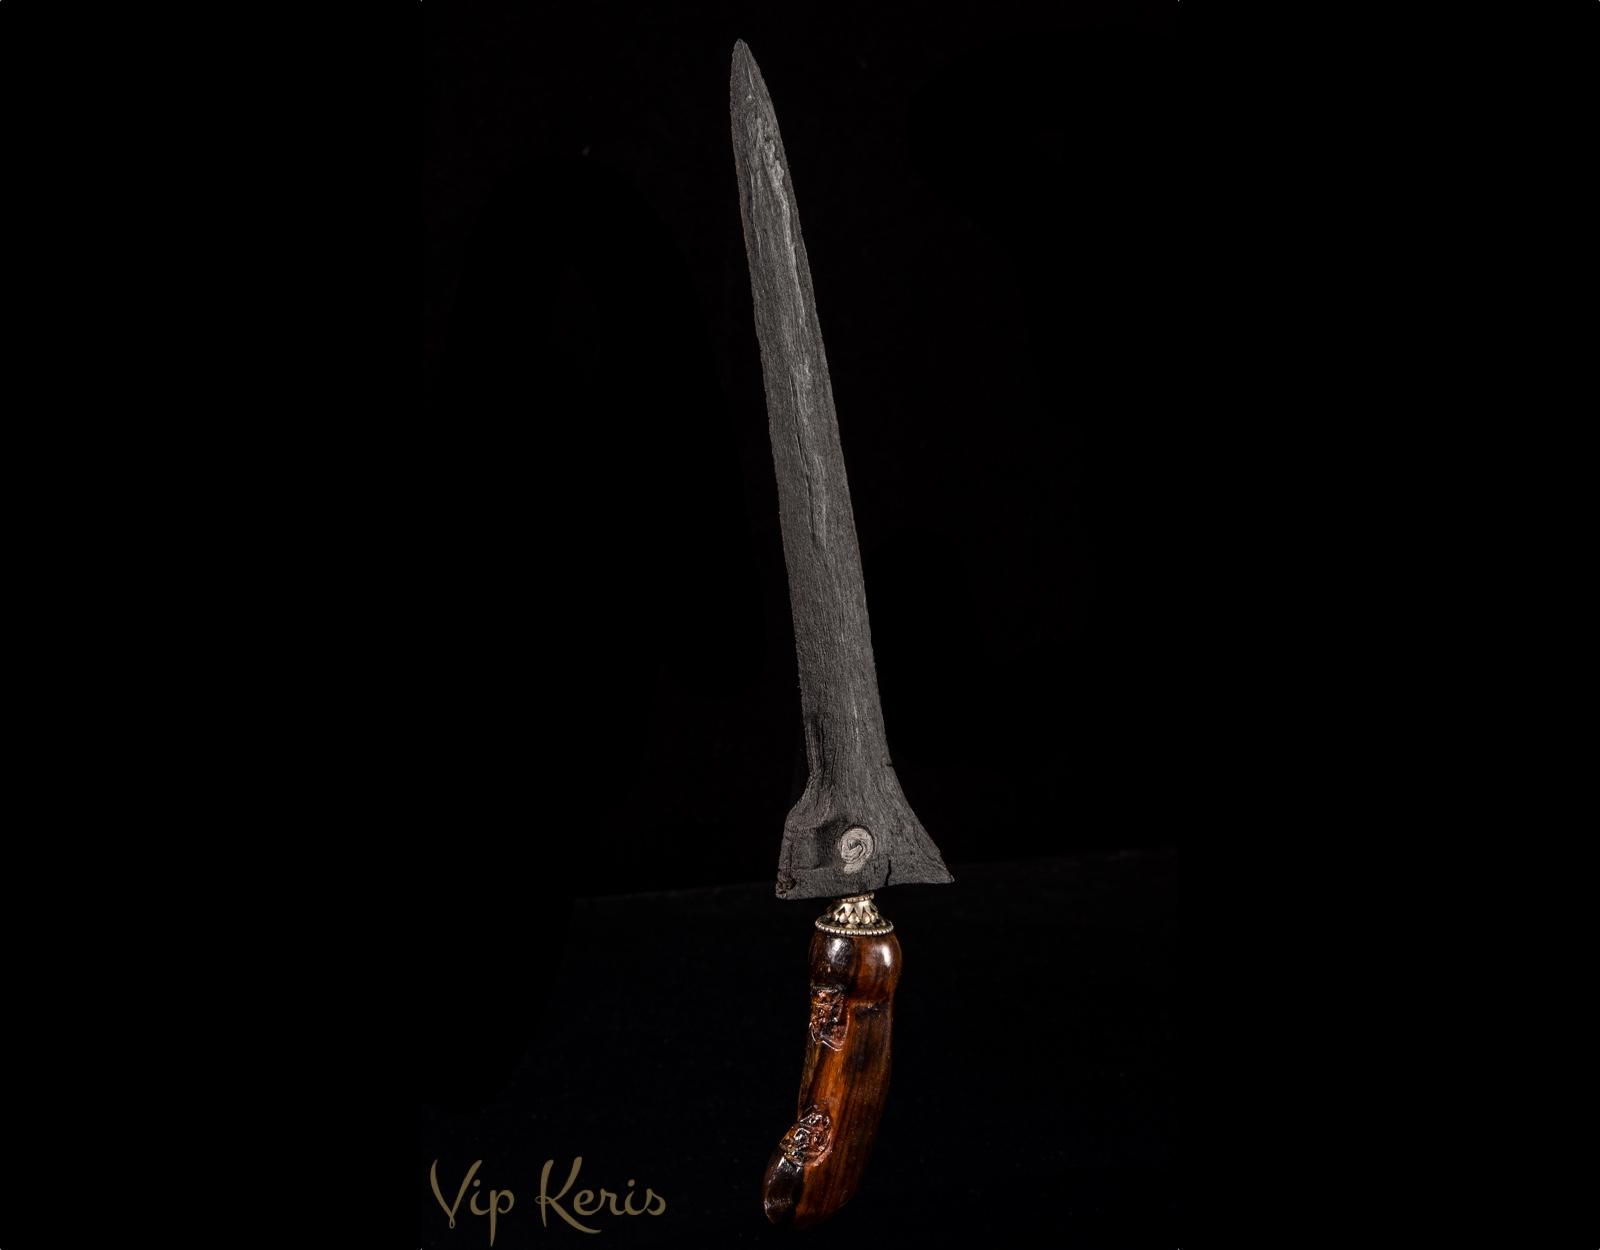 Нож Крис Bethok Brojol, 4 аркан.  фото VipKeris